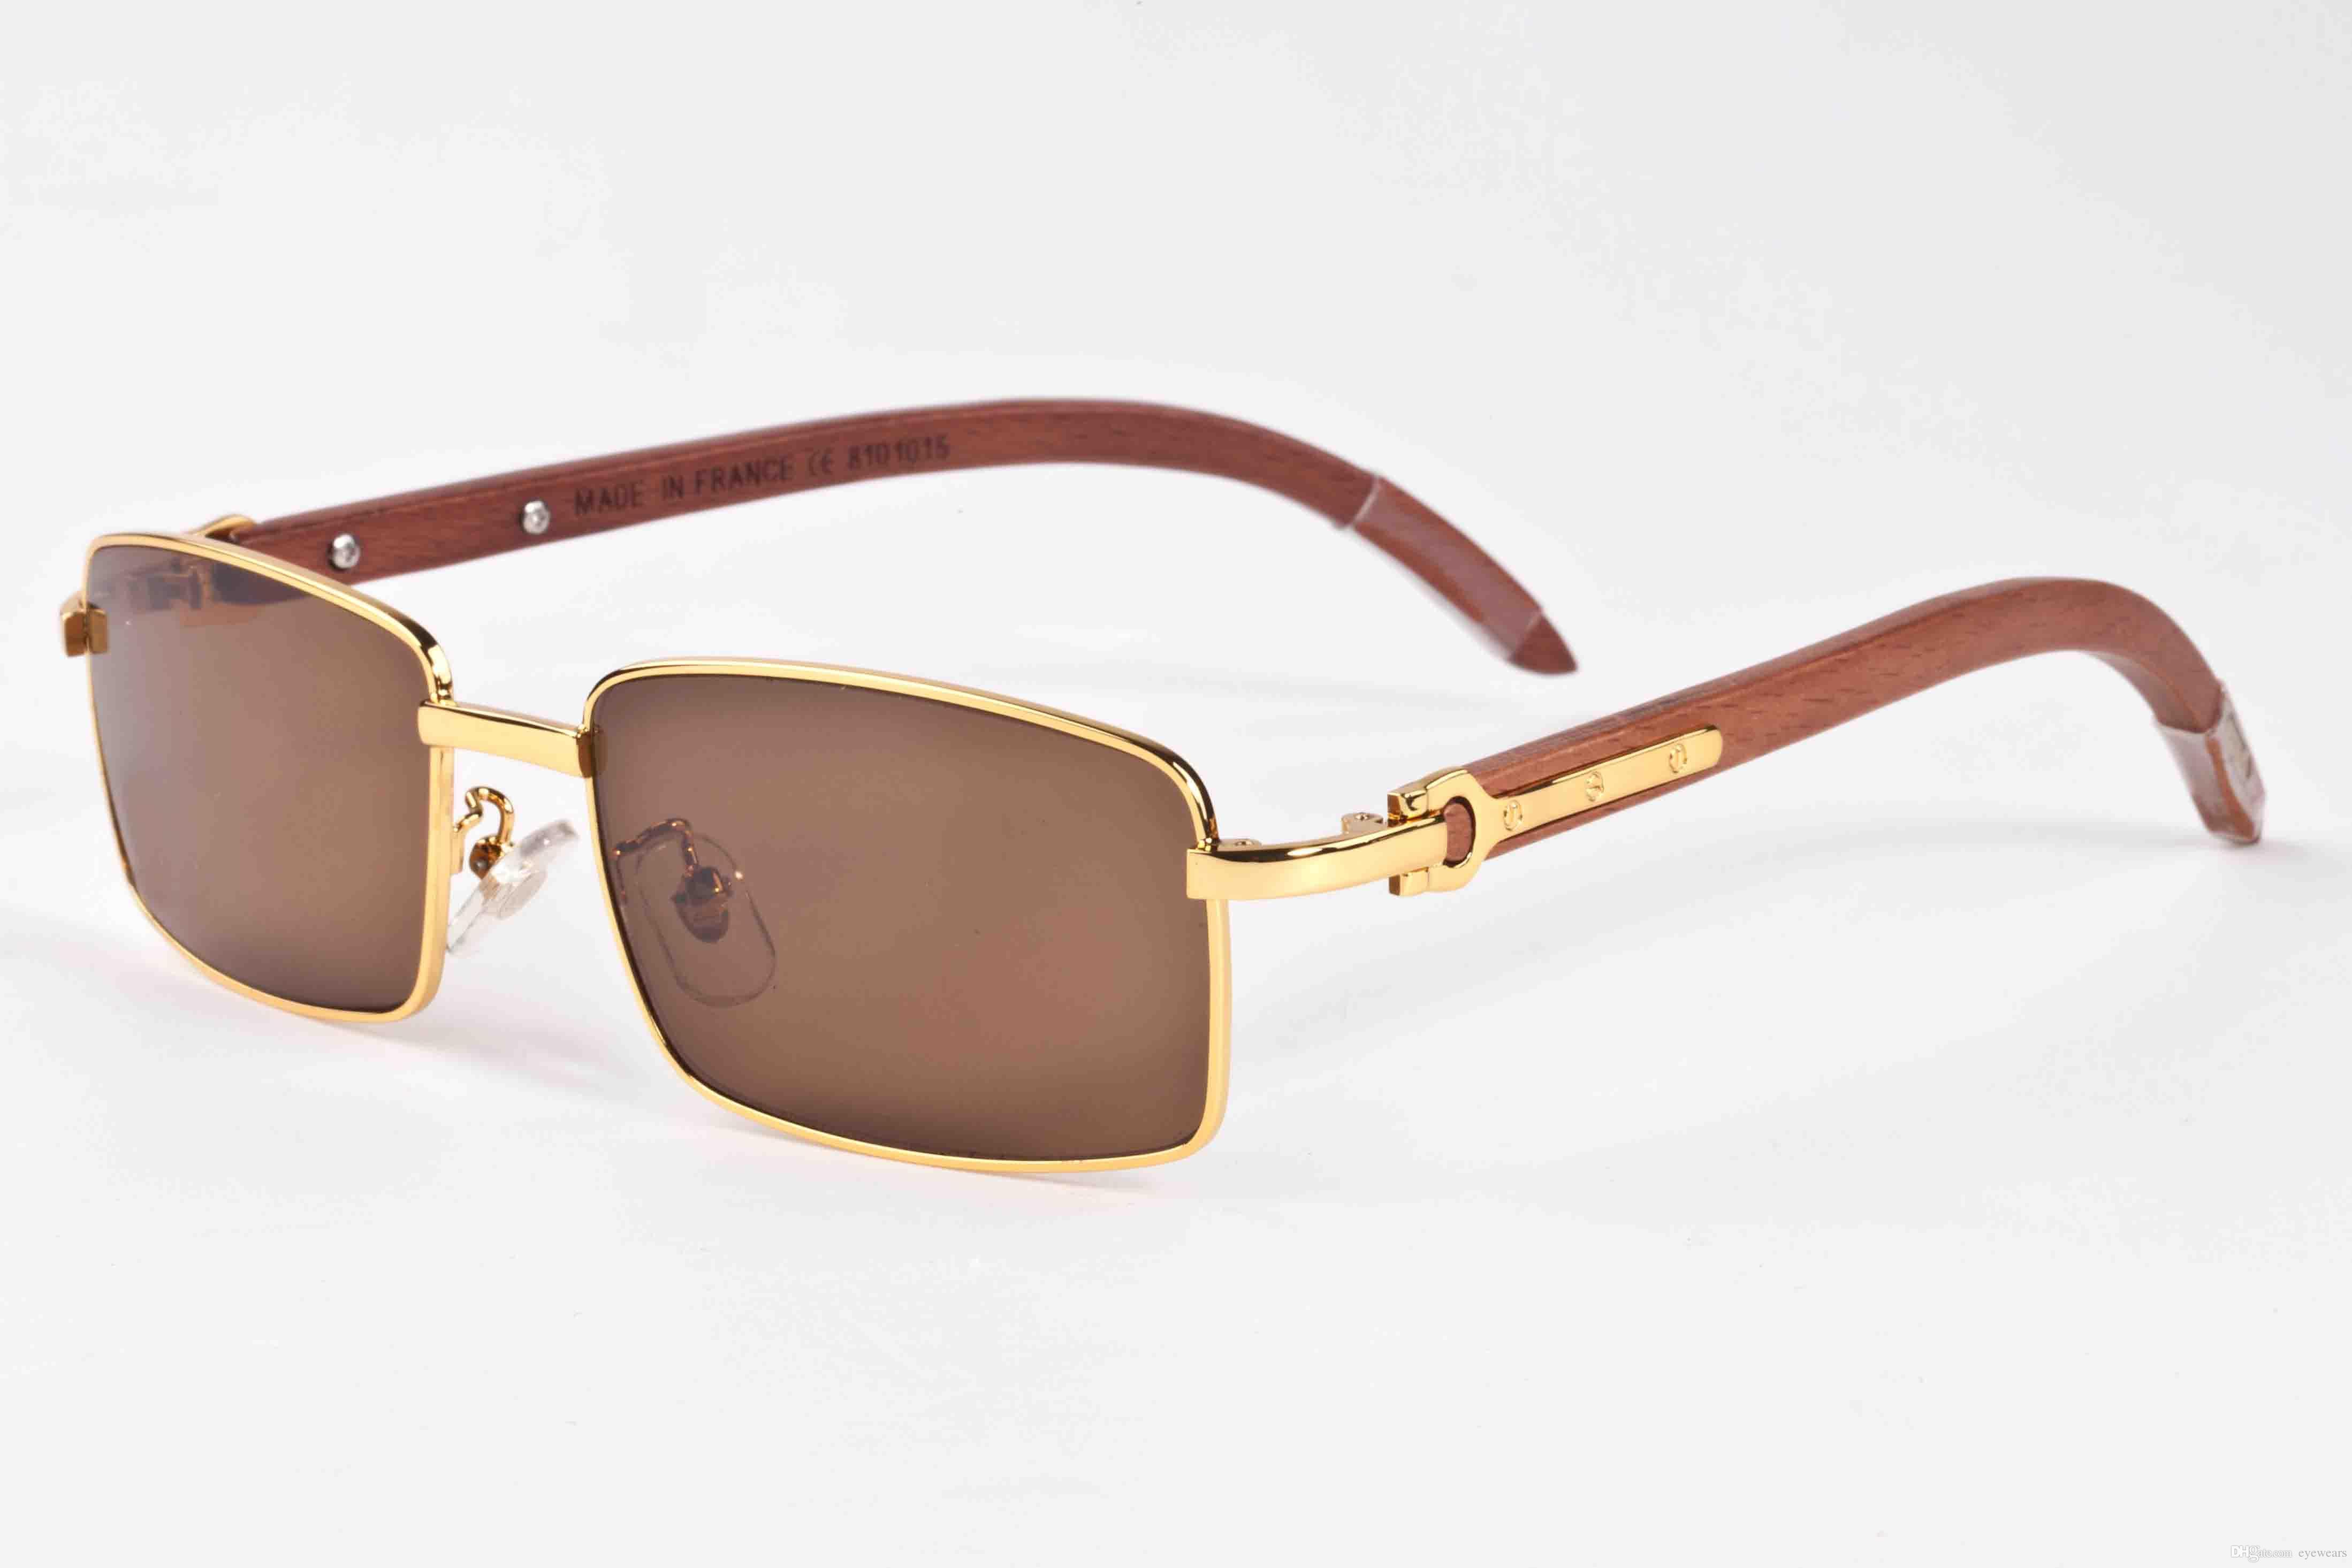 2018 full frame brand sunglasses for men wood frame buffalo horn glasses women cheap gold metal wood designer sunglasses with box case brand sunglasses - Wood Framed Sunglasses